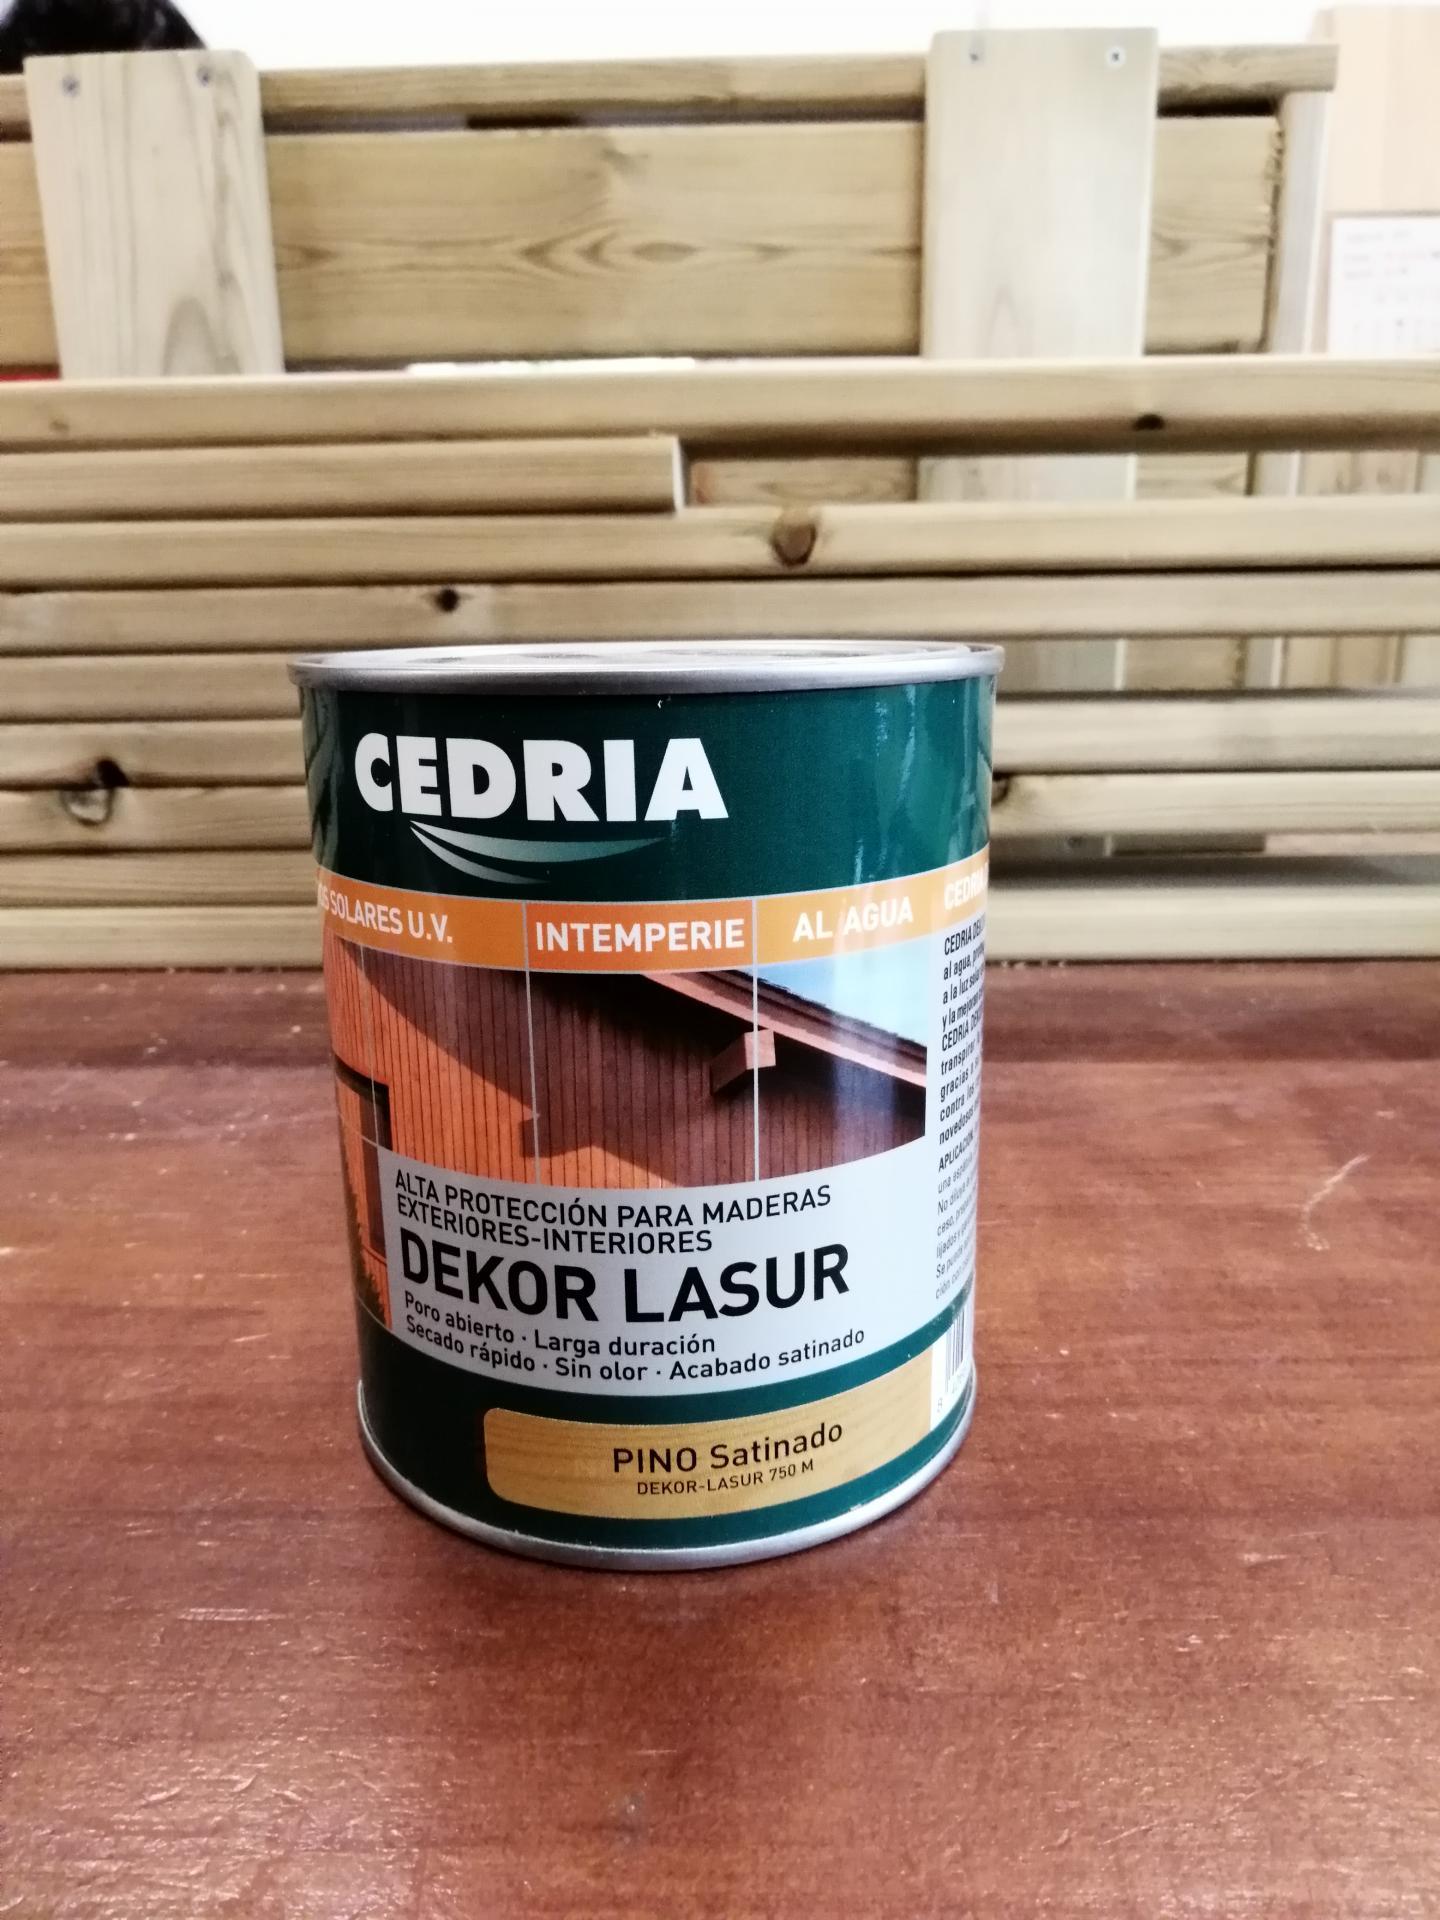 Cedria Dekor Lasur Pino Satinado